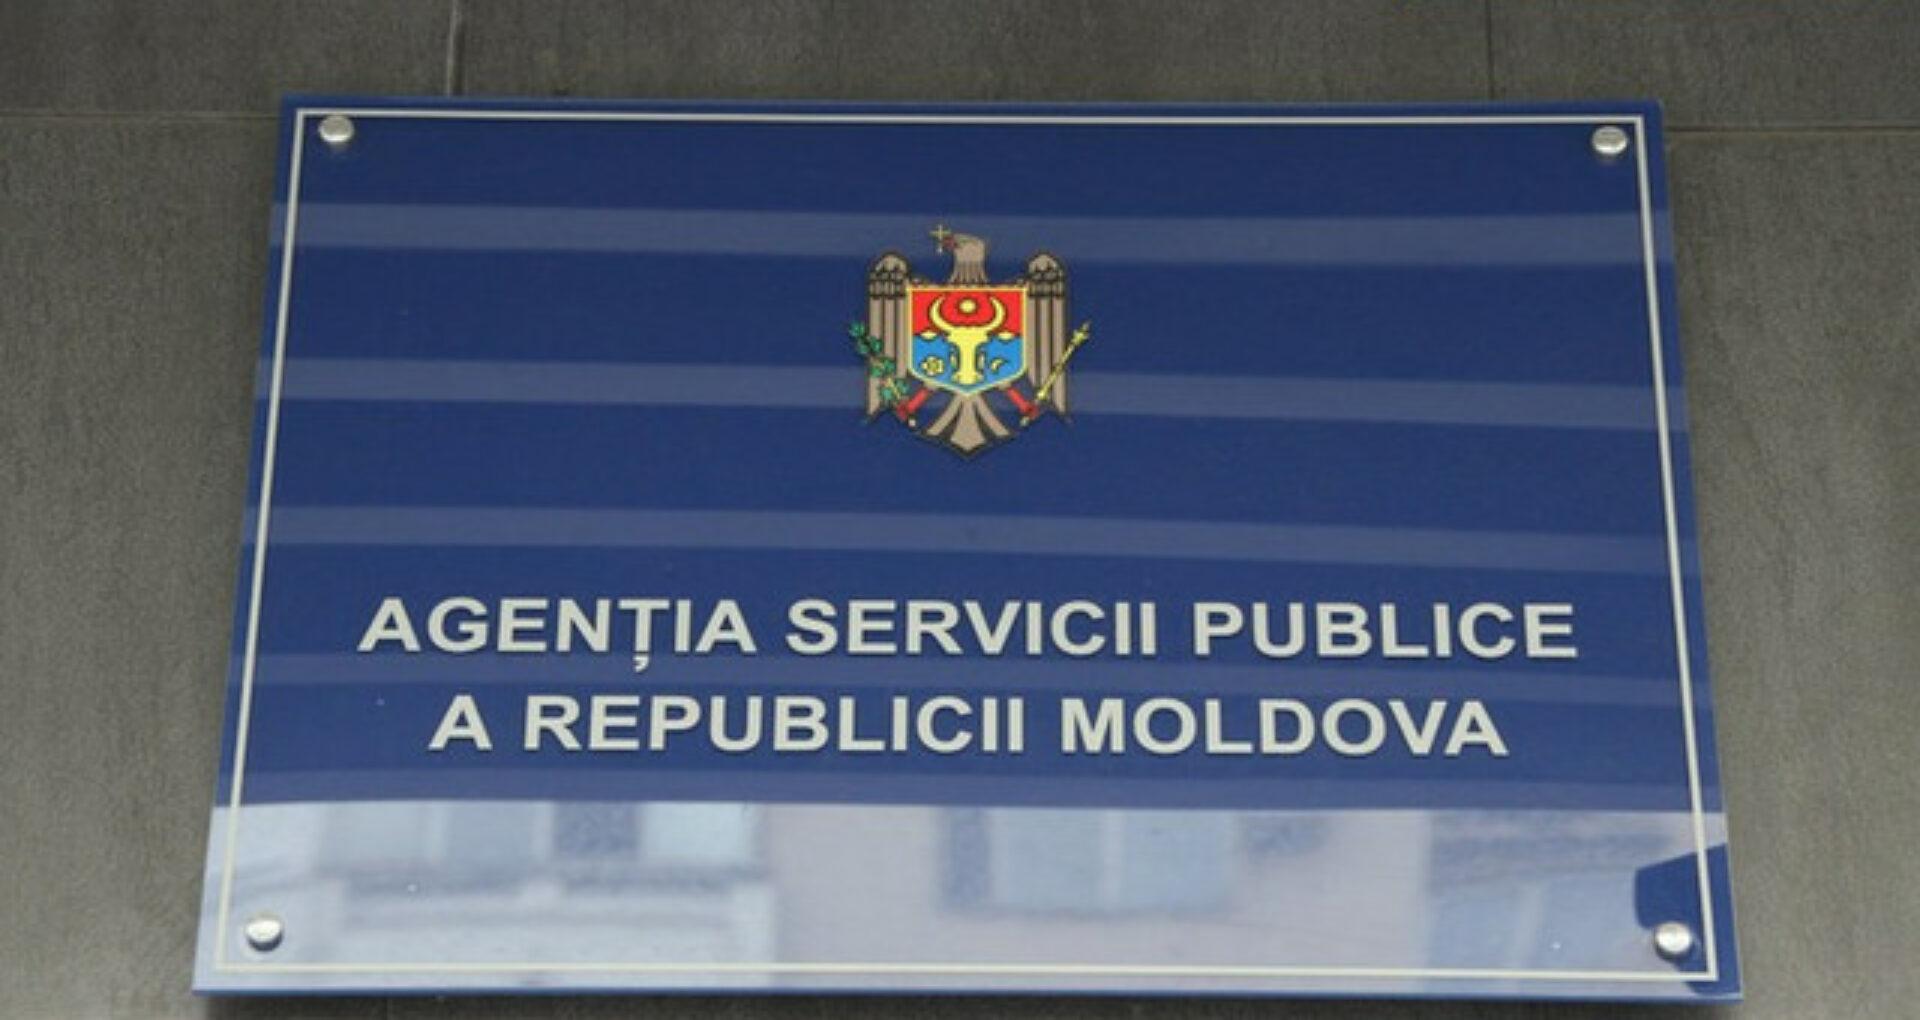 Din fondul de rezervă al Guvernului vor fi alocate 20 775 de euro unui birou de avocați care apără interesele R. Moldova la Stockholm în cazul concesionării Aeroportului Chișinău